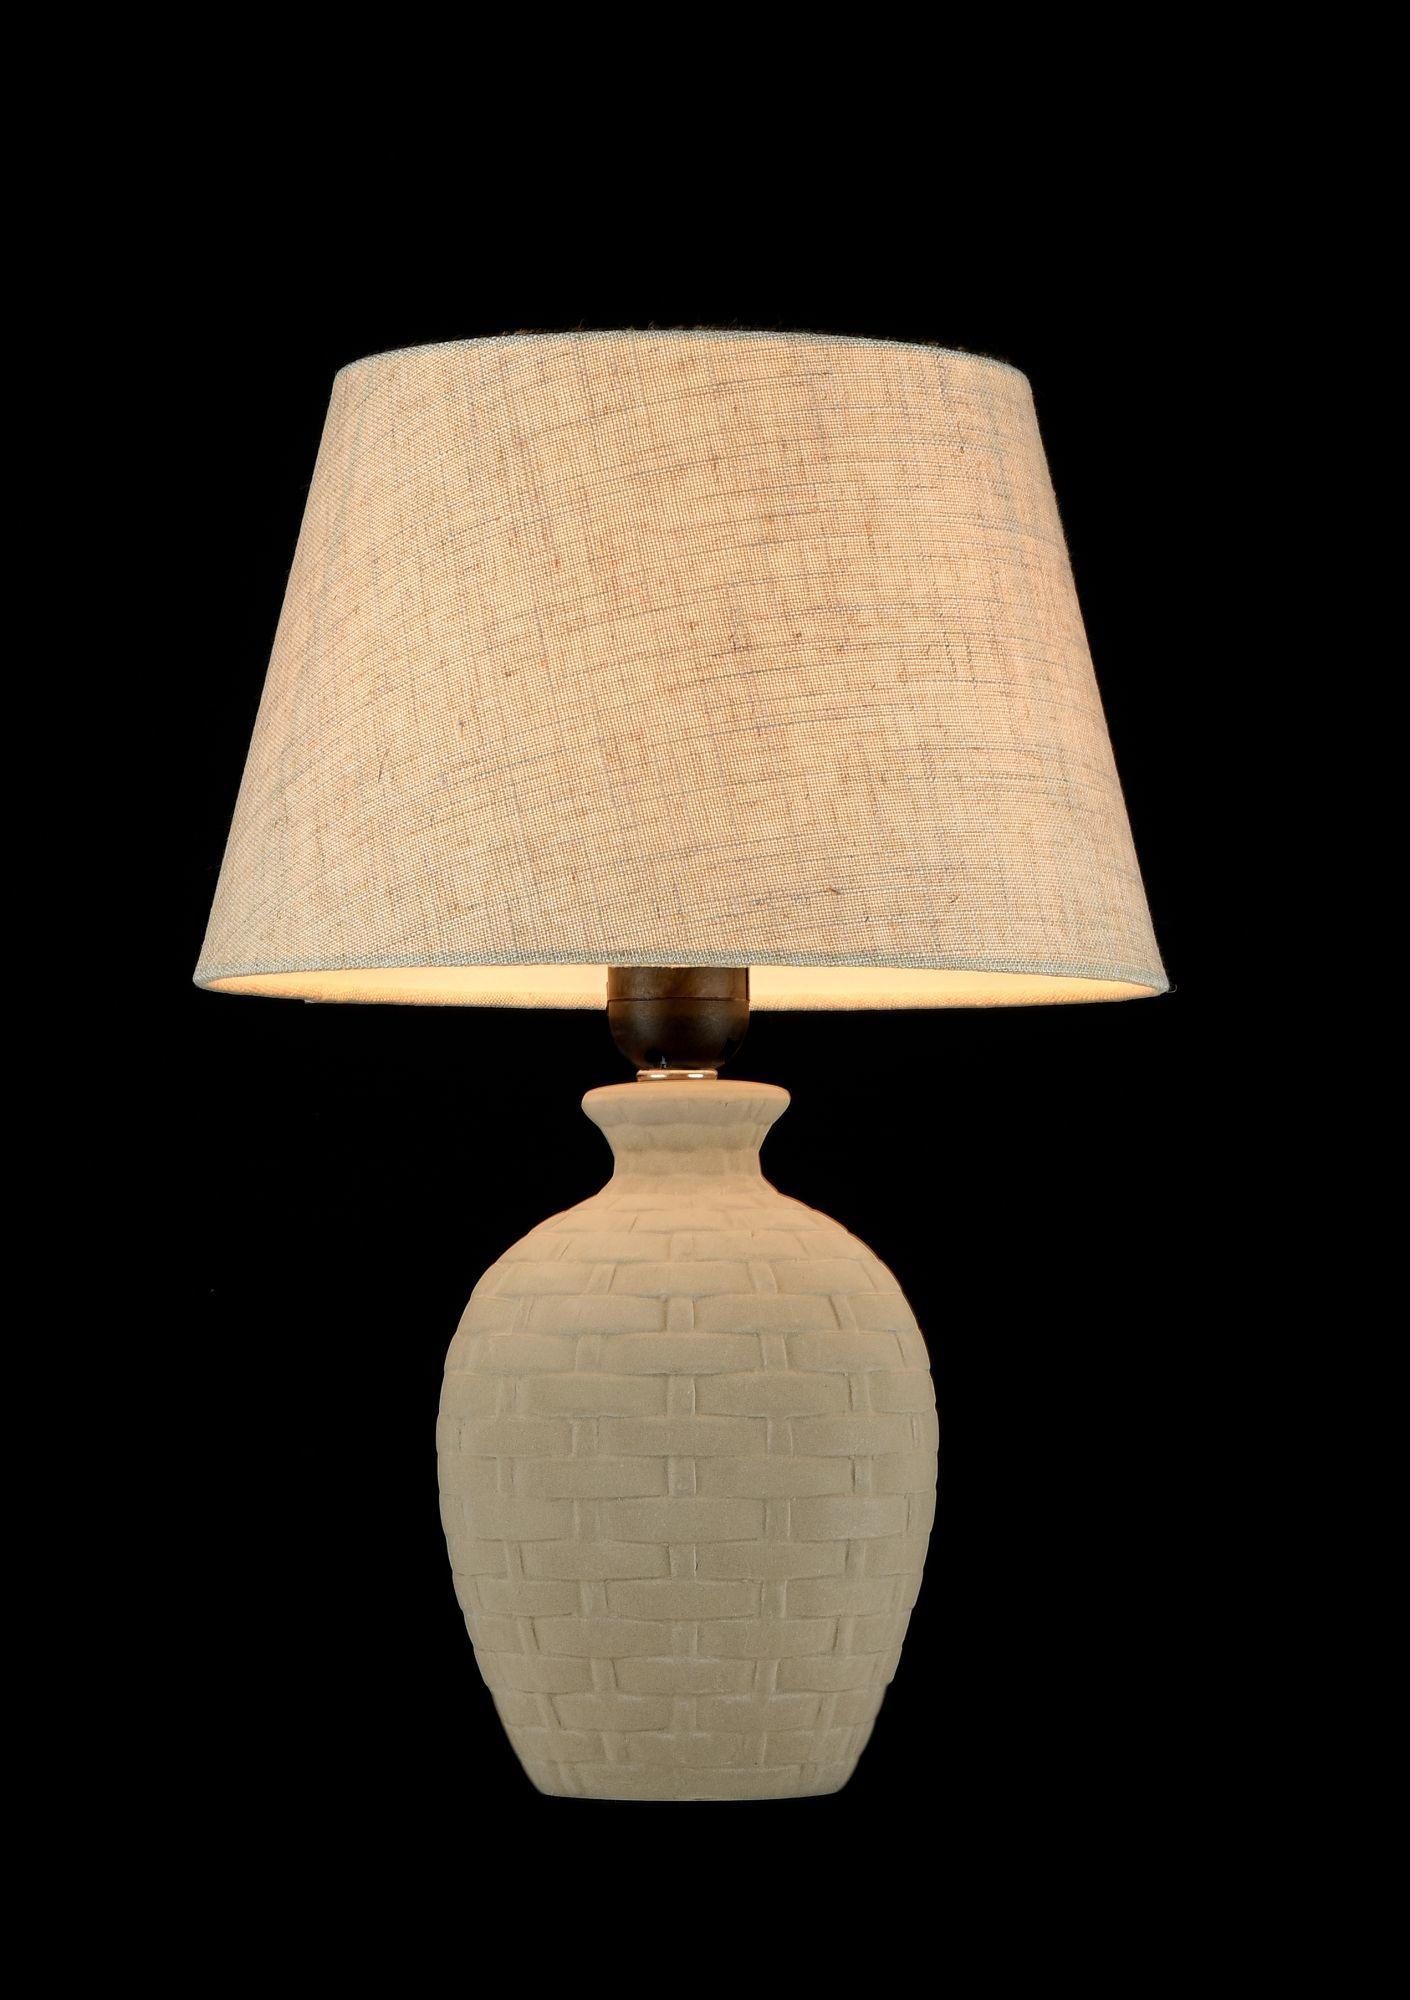 Настольная лампа Maytoni Adeline Z003-TL-01-W (mod003-11-w), 1xE27x60W, бежевый, керамика, текстиль - фото 3